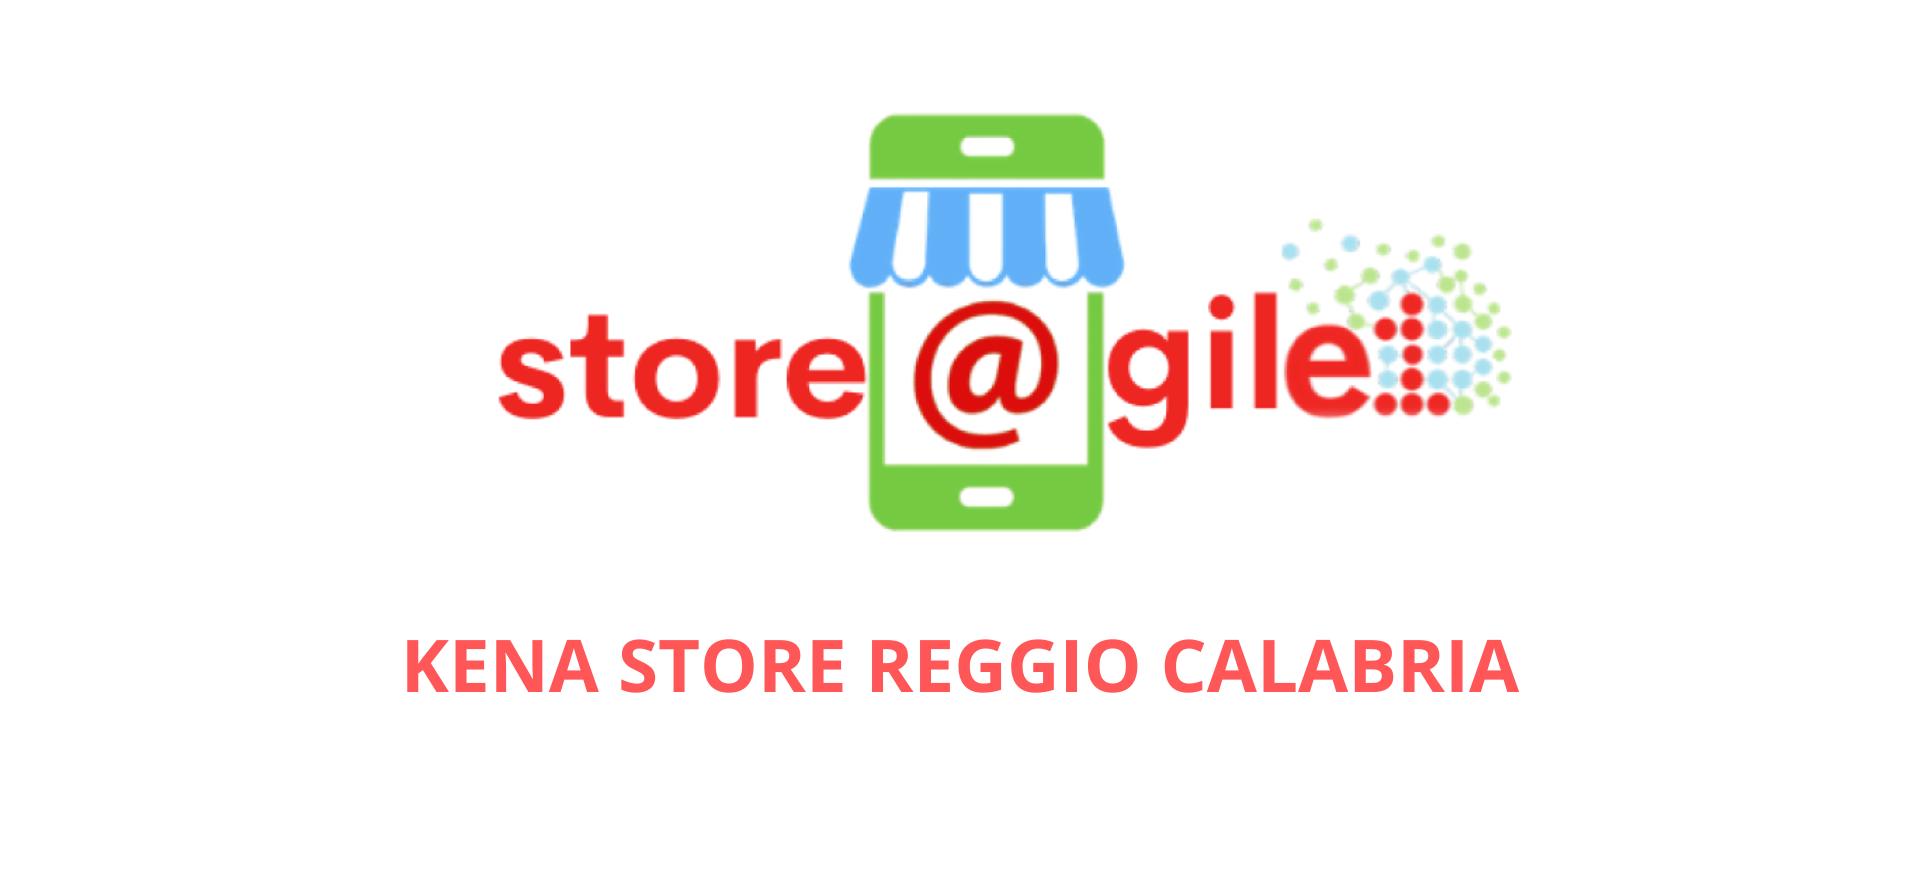 Edison | Kena Store Reggio Calabria